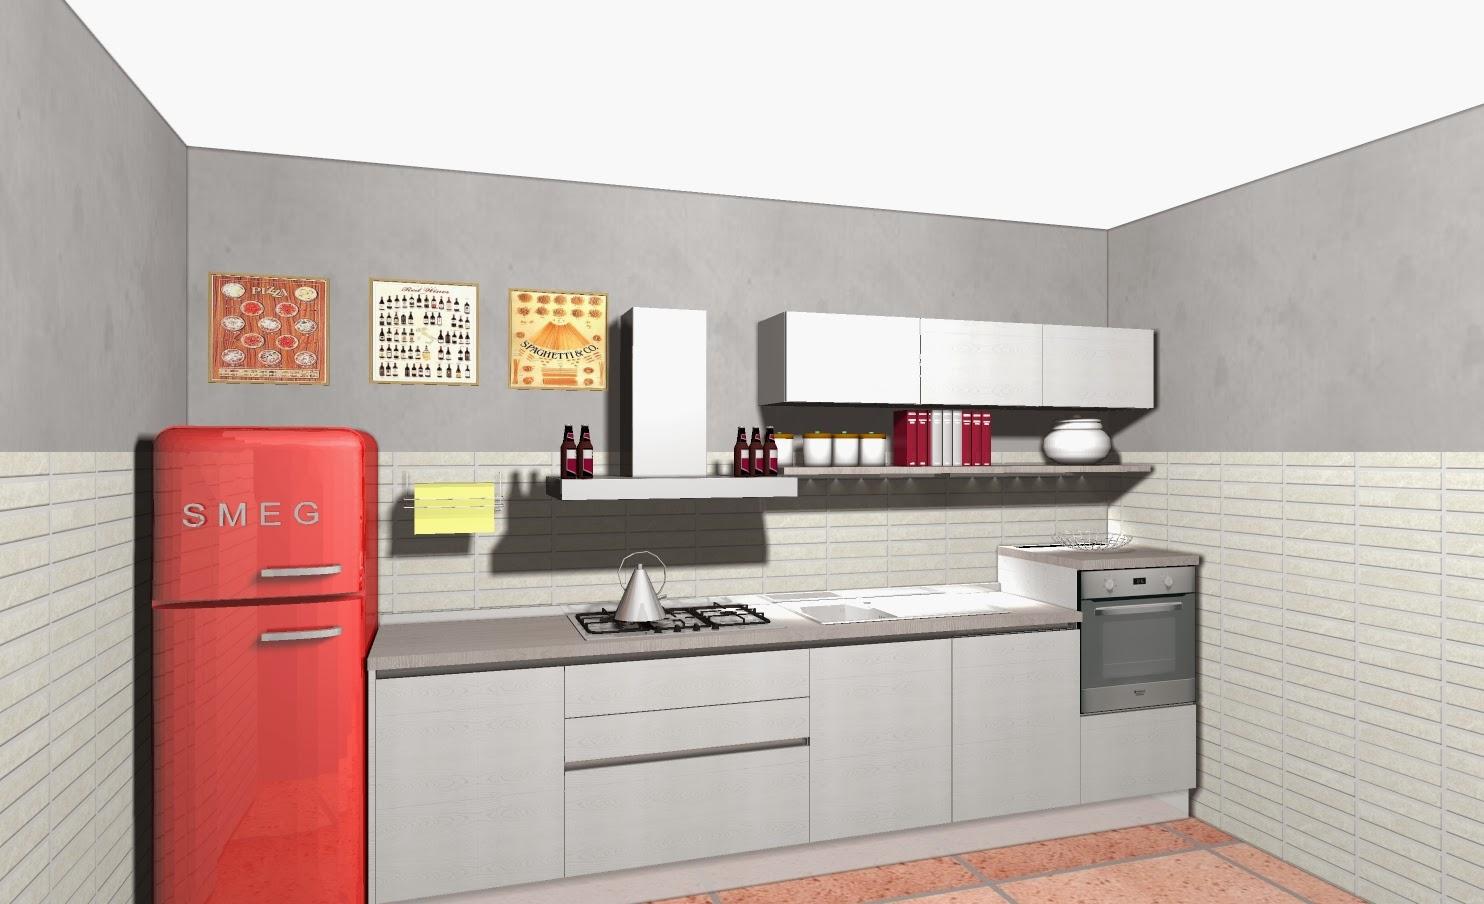 Disegna cucina mano timo disegnato ramo profilo seamless for Disegnare cucina on line